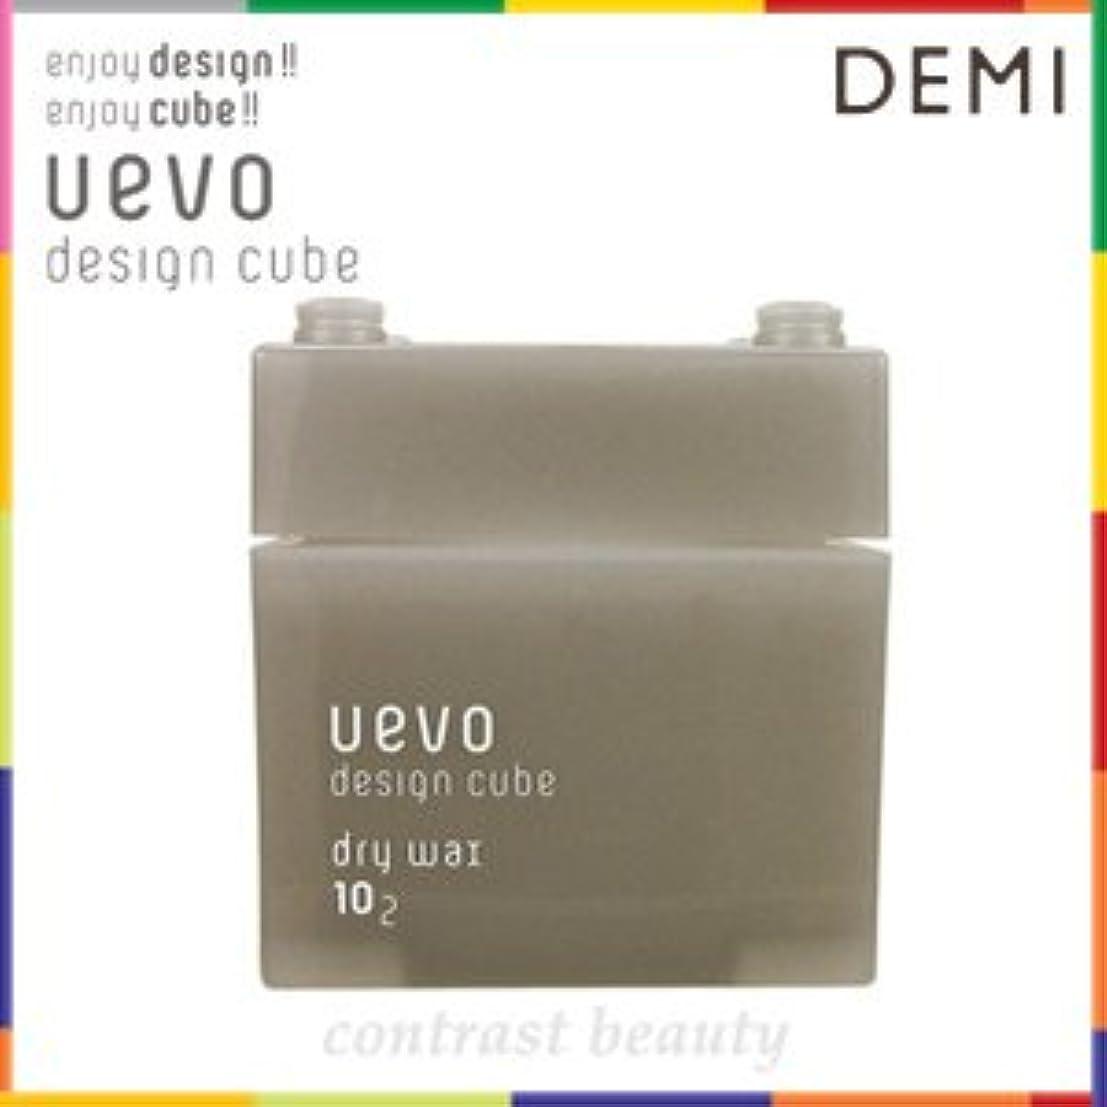 しがみつく咳左【X4個セット】 デミ ウェーボ デザインキューブ ドライワックス 80g dry wax DEMI uevo design cube